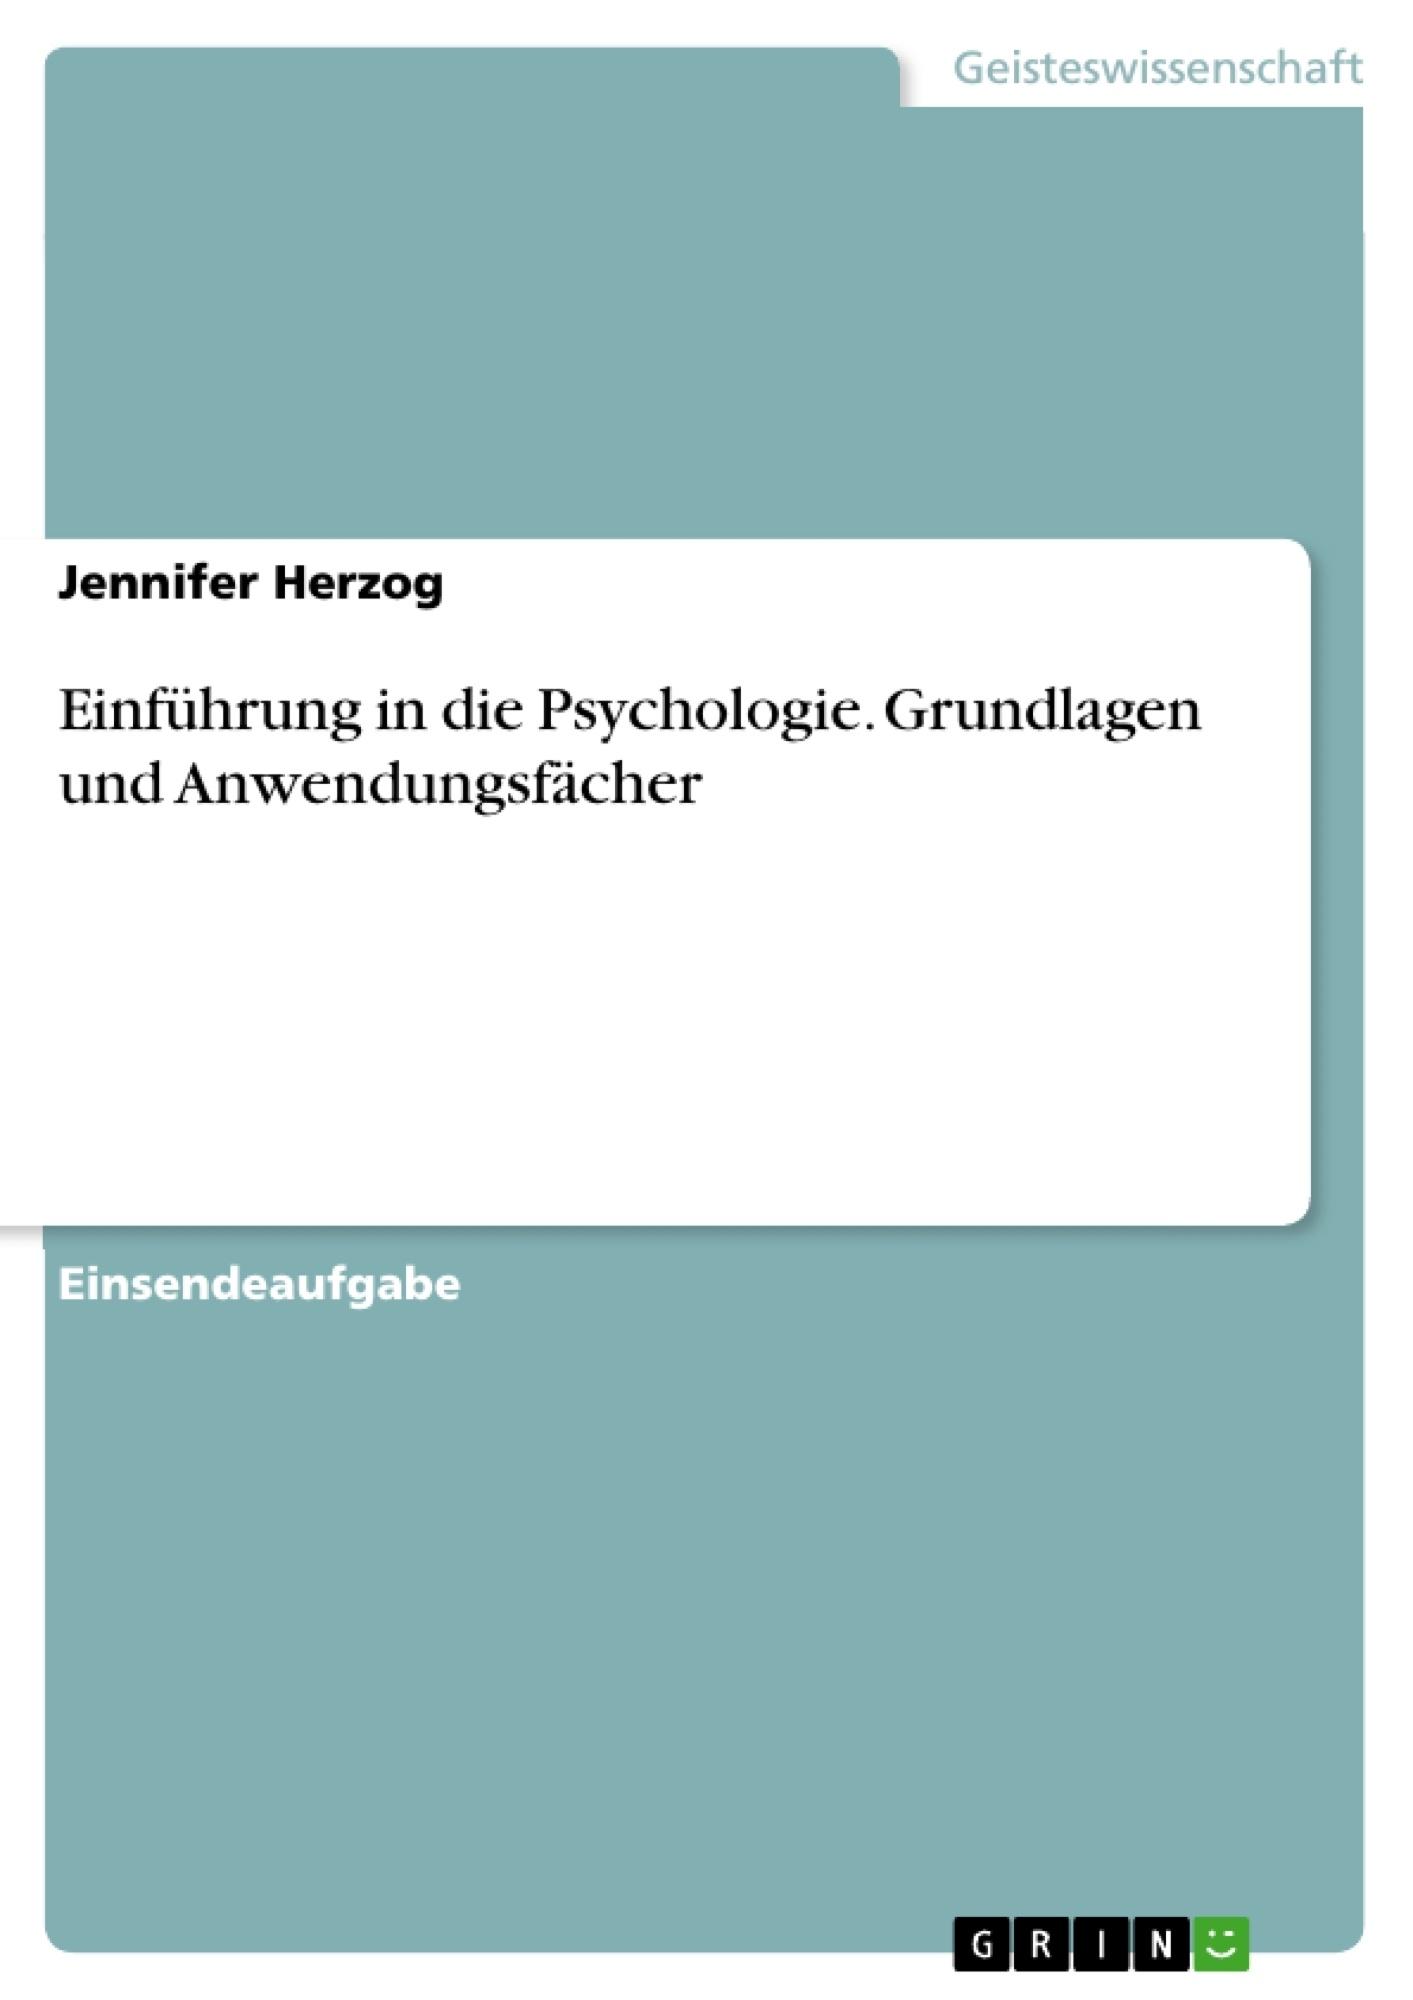 Titel: Einführung in die Psychologie. Grundlagen und Anwendungsfächer